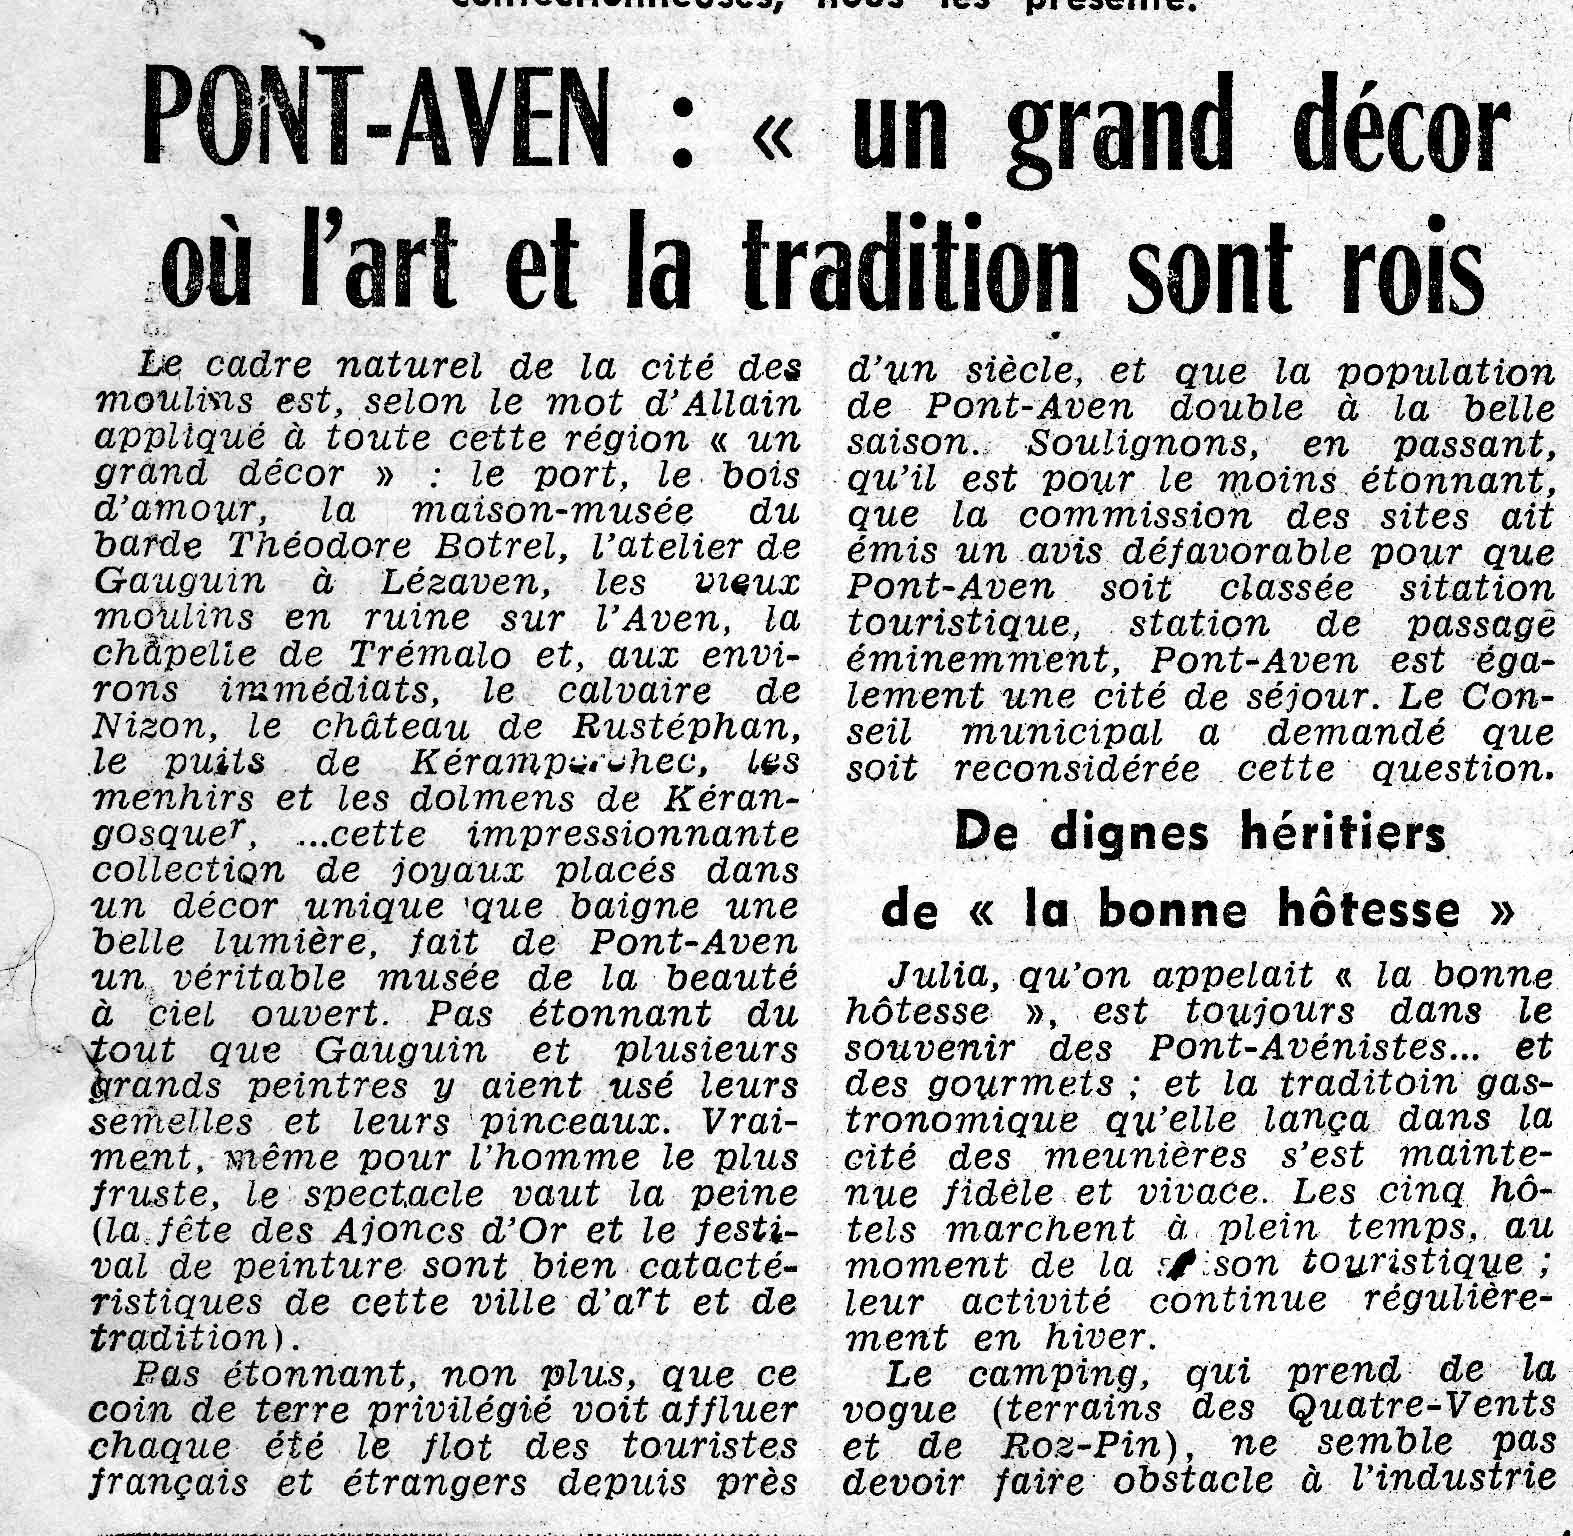 1963 : UN GRAND DECOR ... dont il ne reste plus aujourd'hui que des traces rouillées.